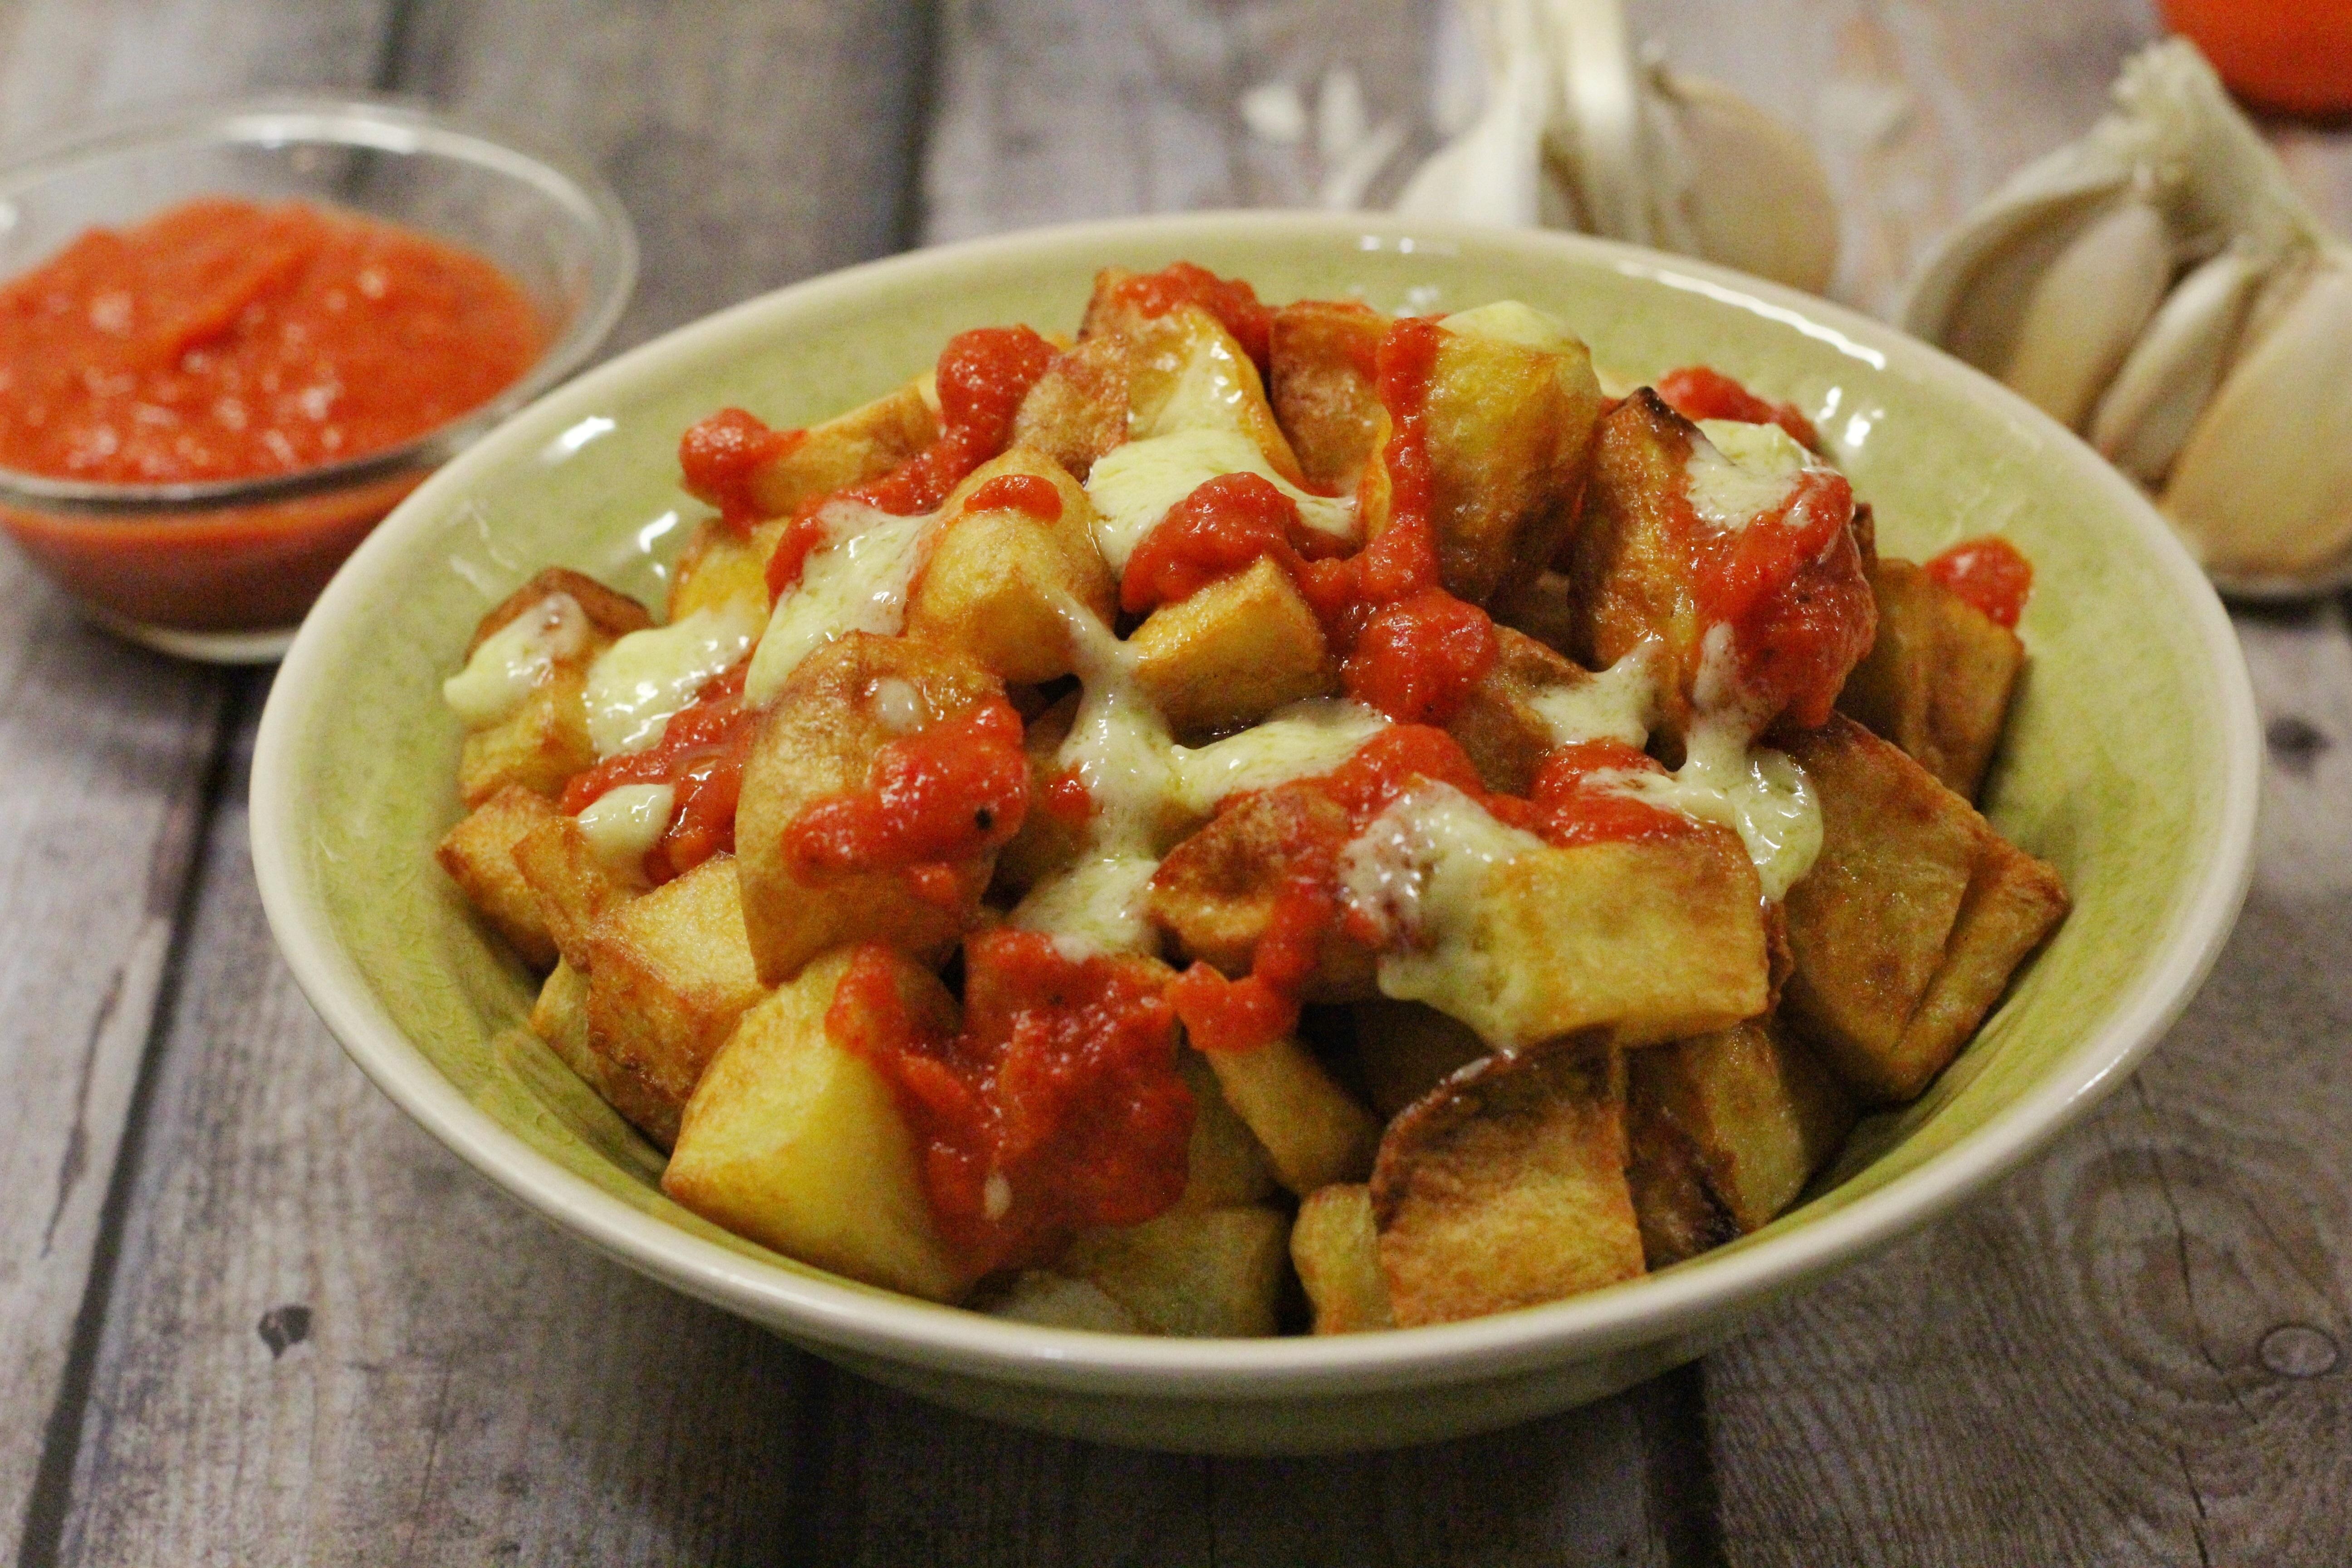 A spanyolok kedvenc krumplija, ami nálatok is gyorsan elfogy majd